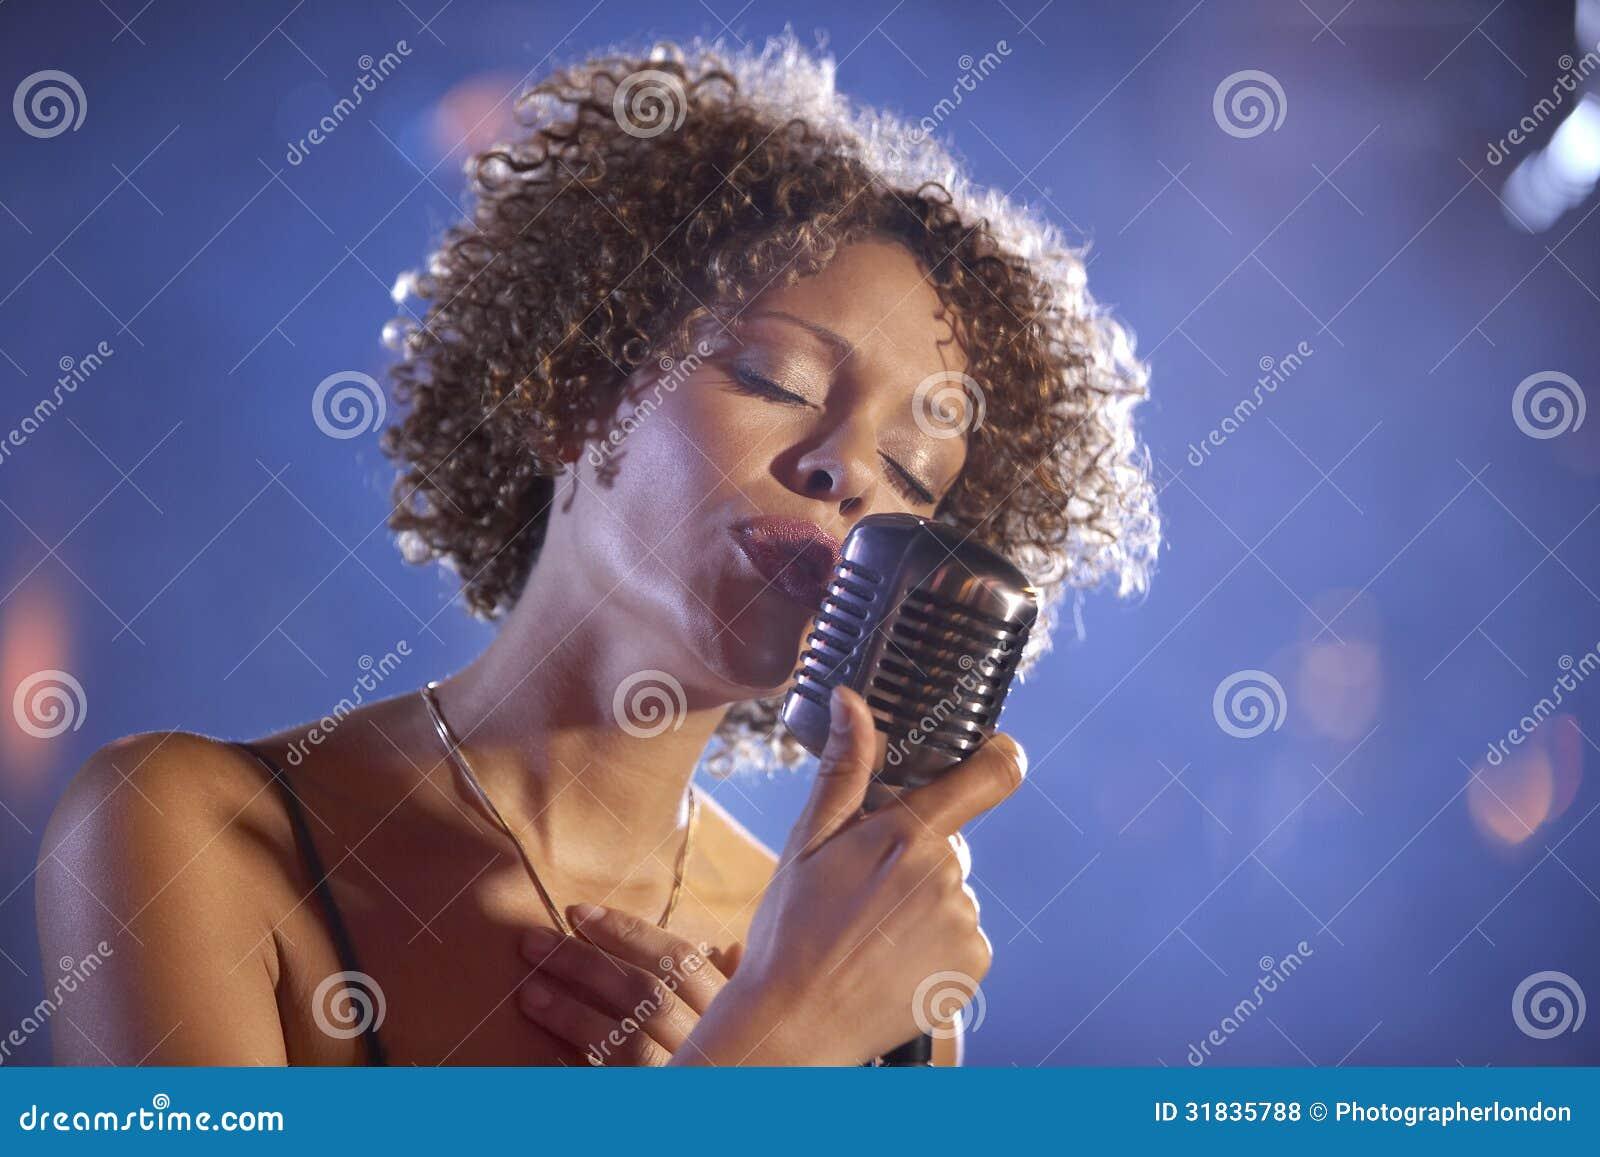 Weibliche Jazz Singer On Stage